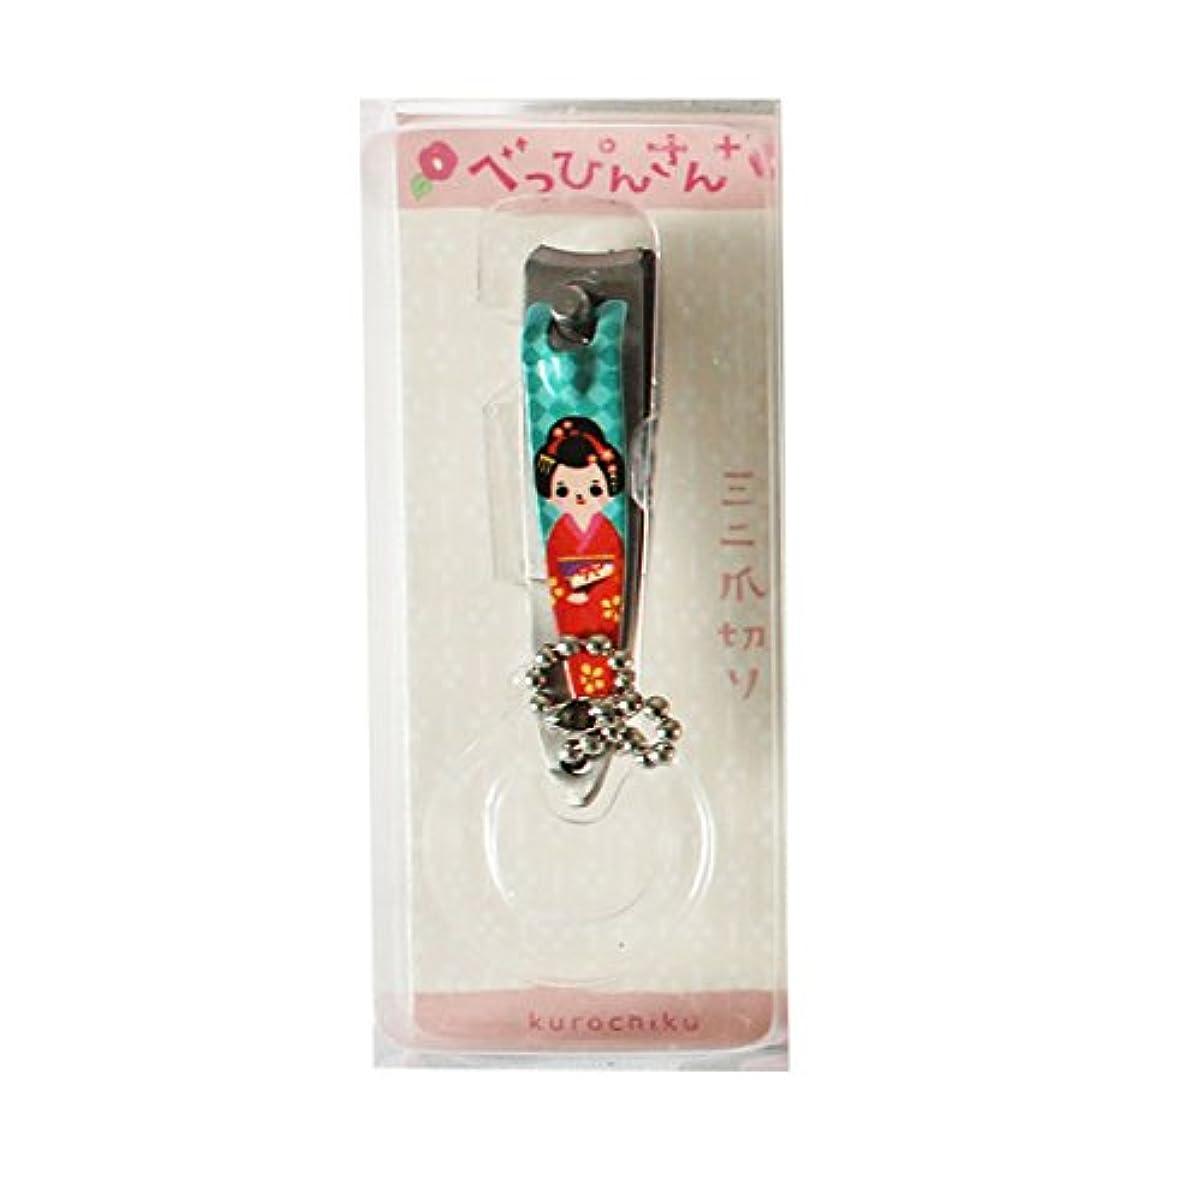 抽象人物キュービックくろちく べっぴんさんプラス ミニ爪切り 舞子朱 約1.2x5.5cm